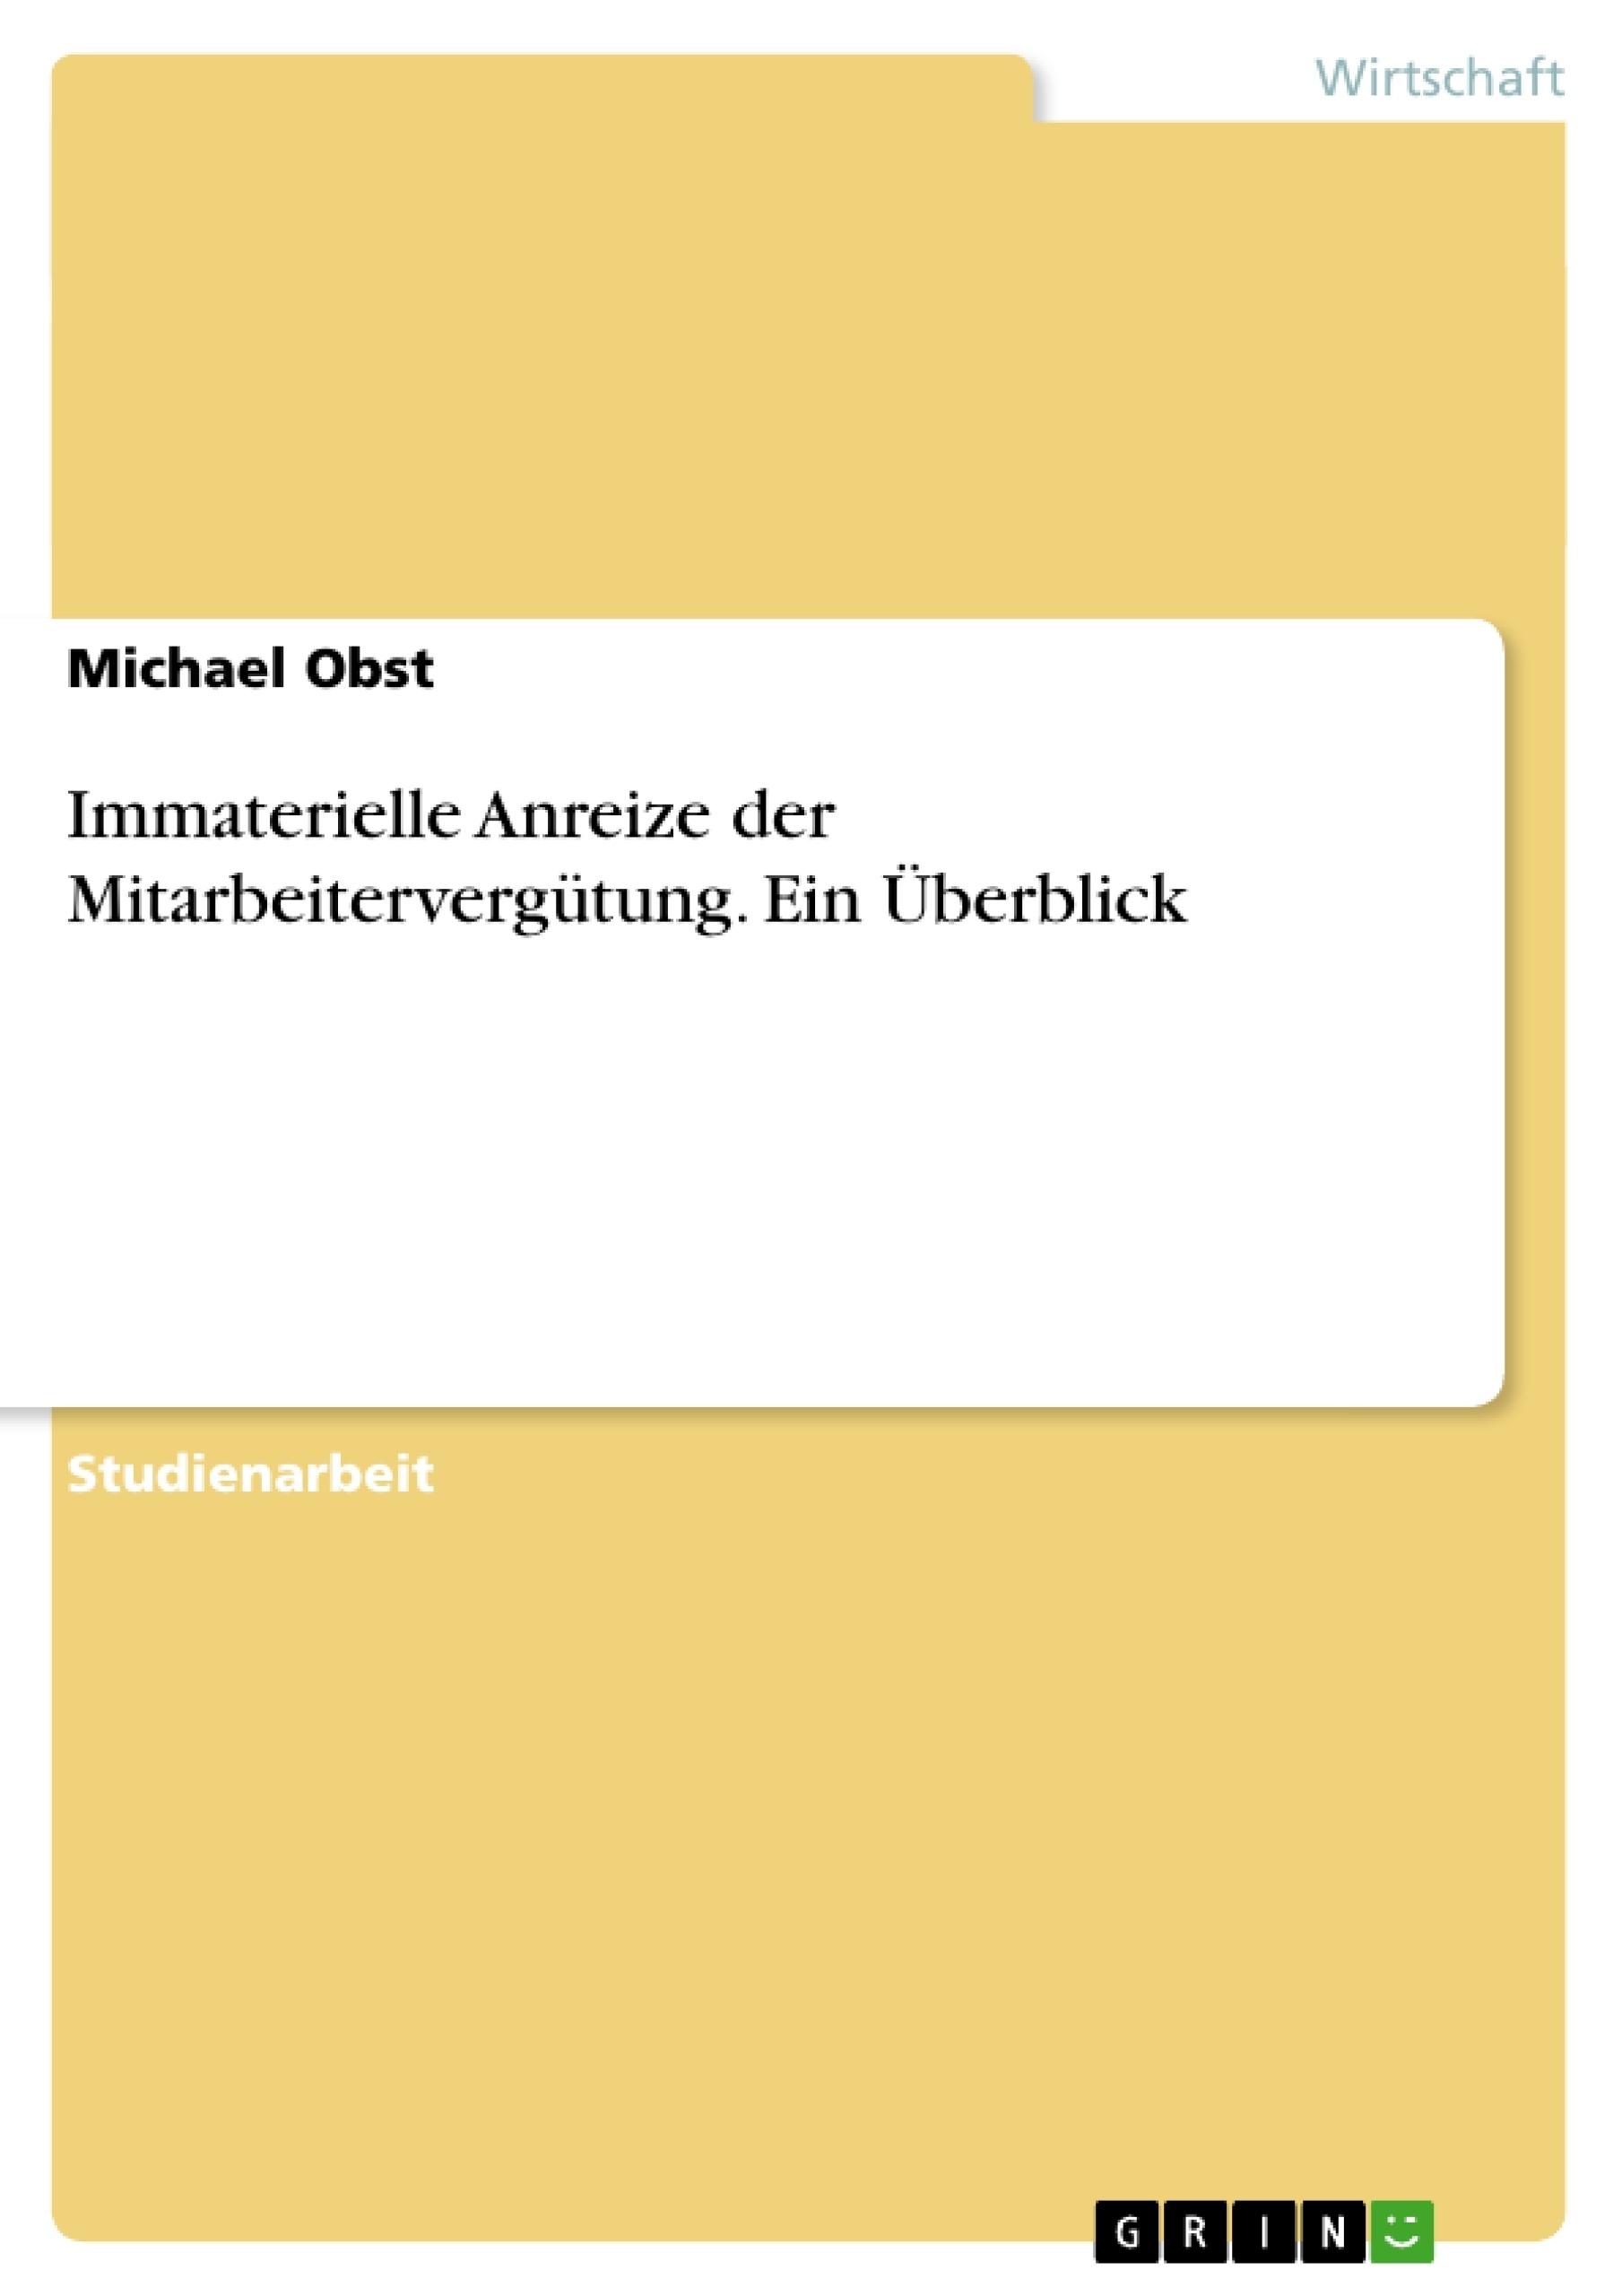 Titel: Immaterielle Anreize der Mitarbeitervergütung. Ein Überblick